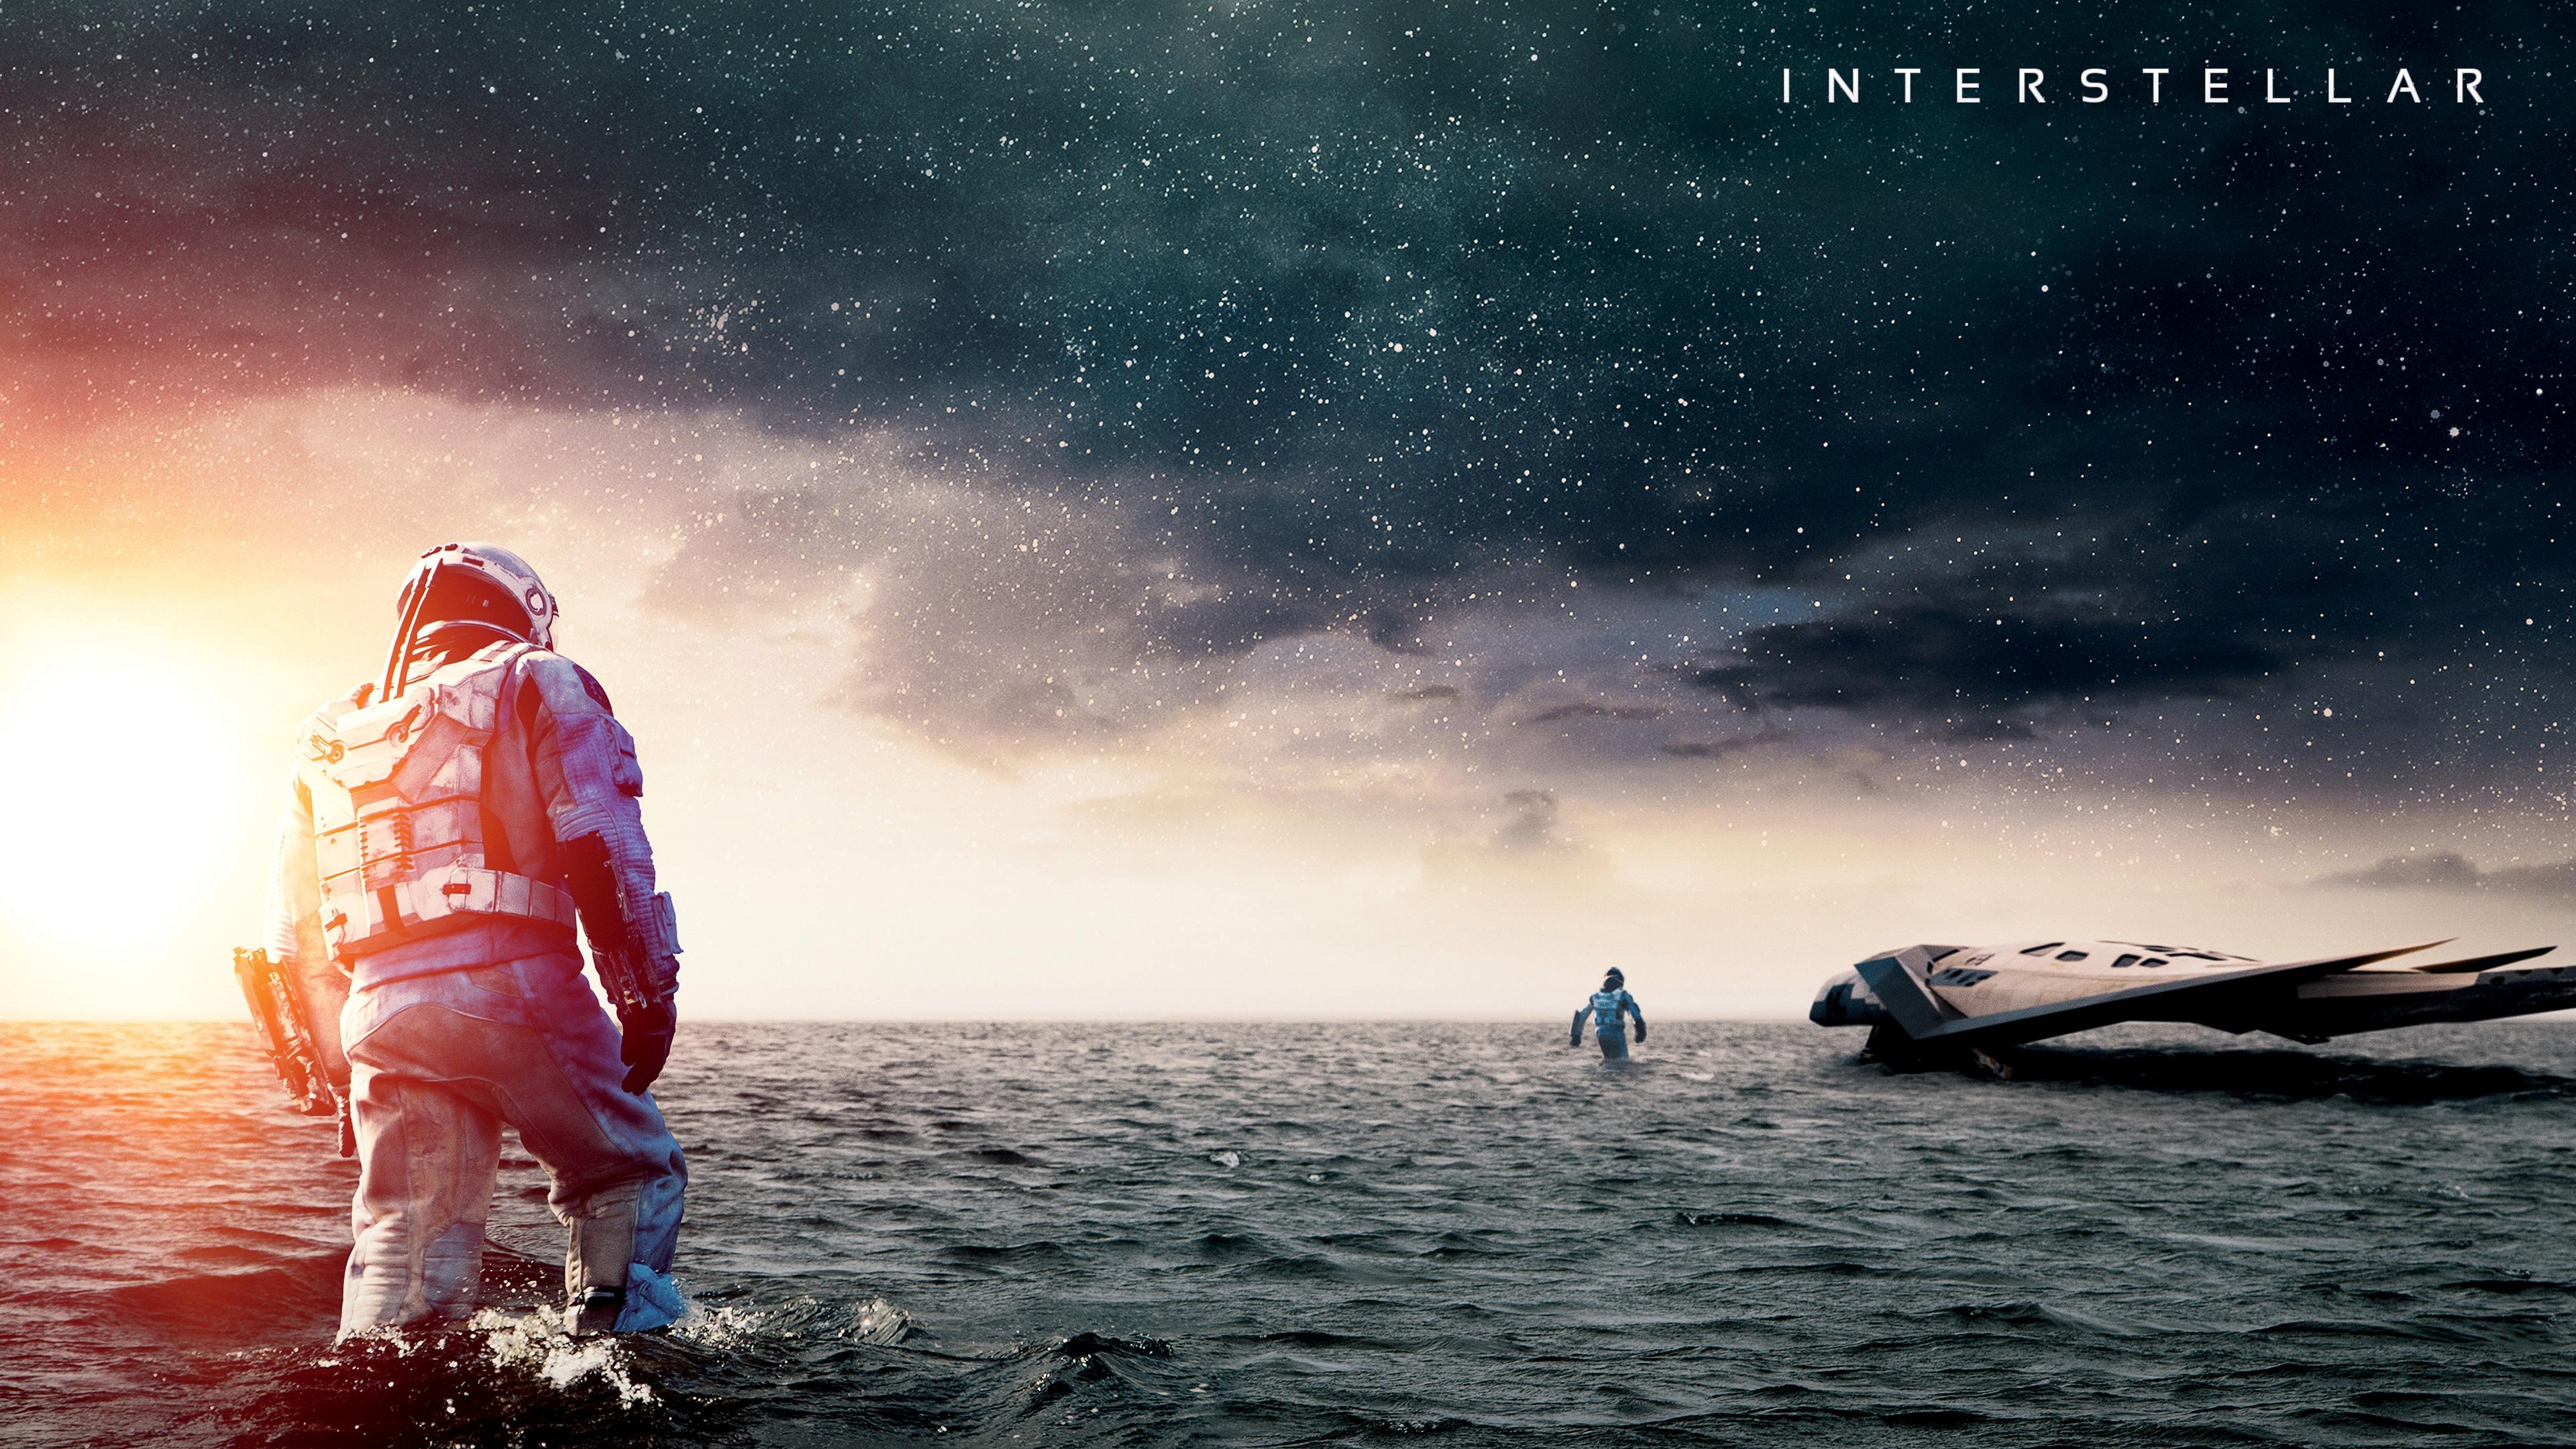 La ciencia de Interstellar, una joya de la ciencia ficción